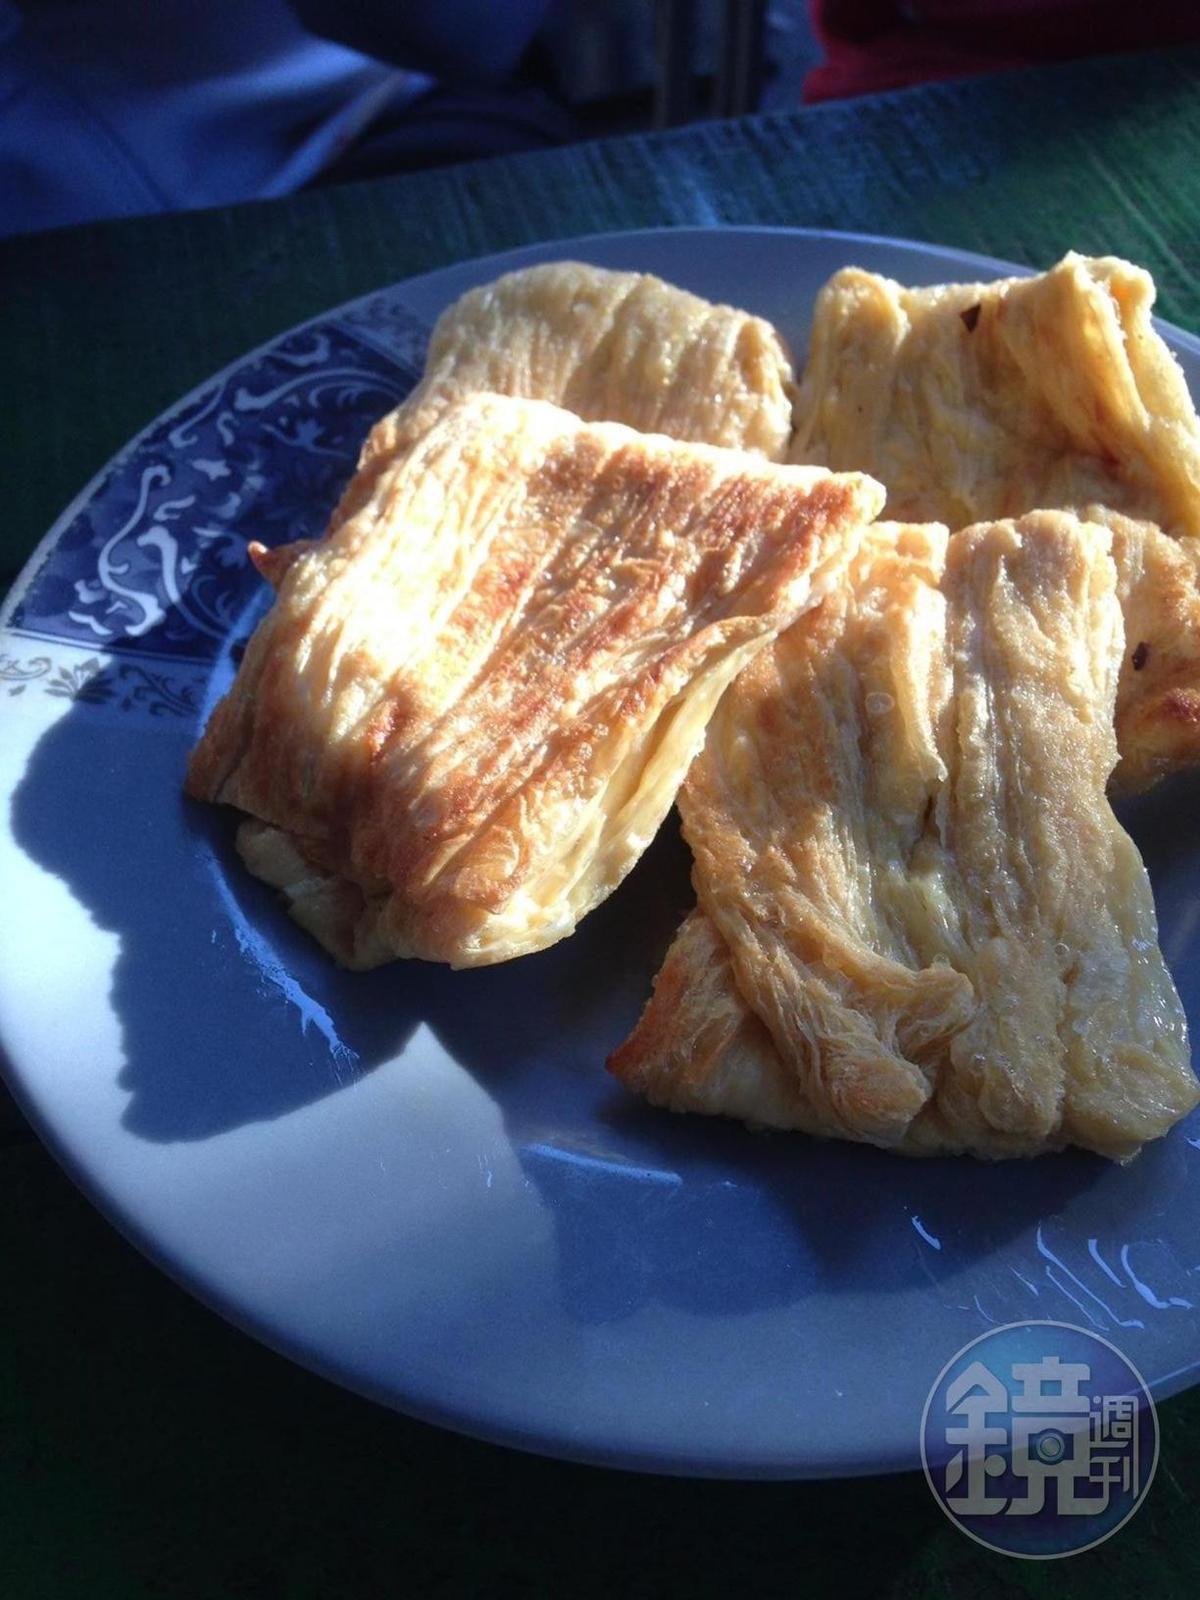 「大池豆皮店」每天清早手工製作豆皮,是蔣勳駐池上藝術村多年來的散步美食。